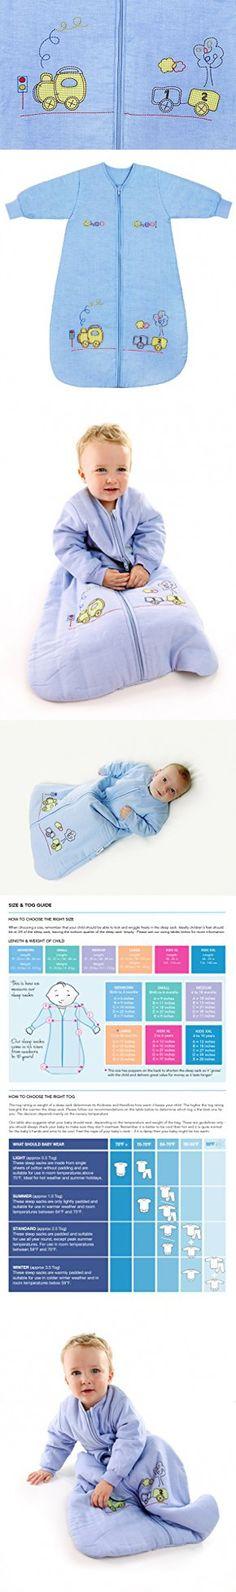 Winter Baby Sleep Sack Long Sleeves 2.5 Tog Choo Choo 6-18 months MEDIUM